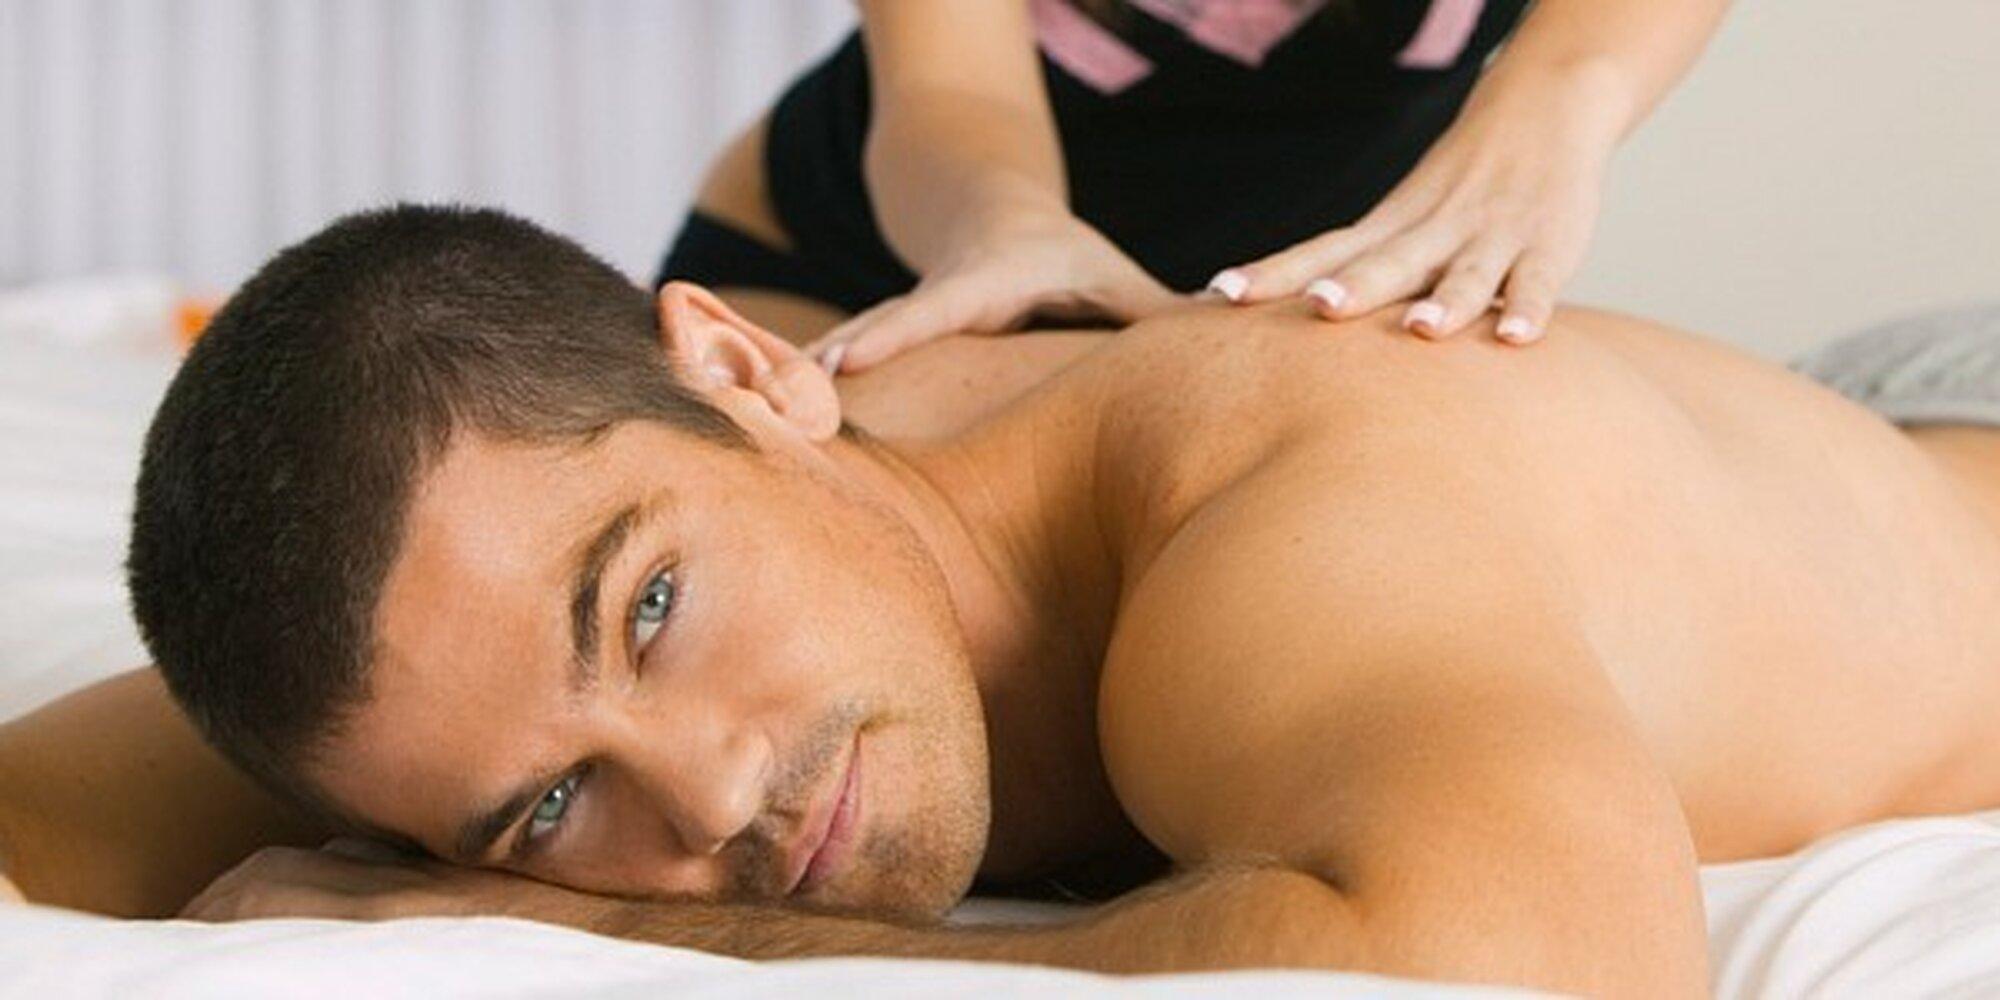 Положил трубку как делать массаж на члене понял